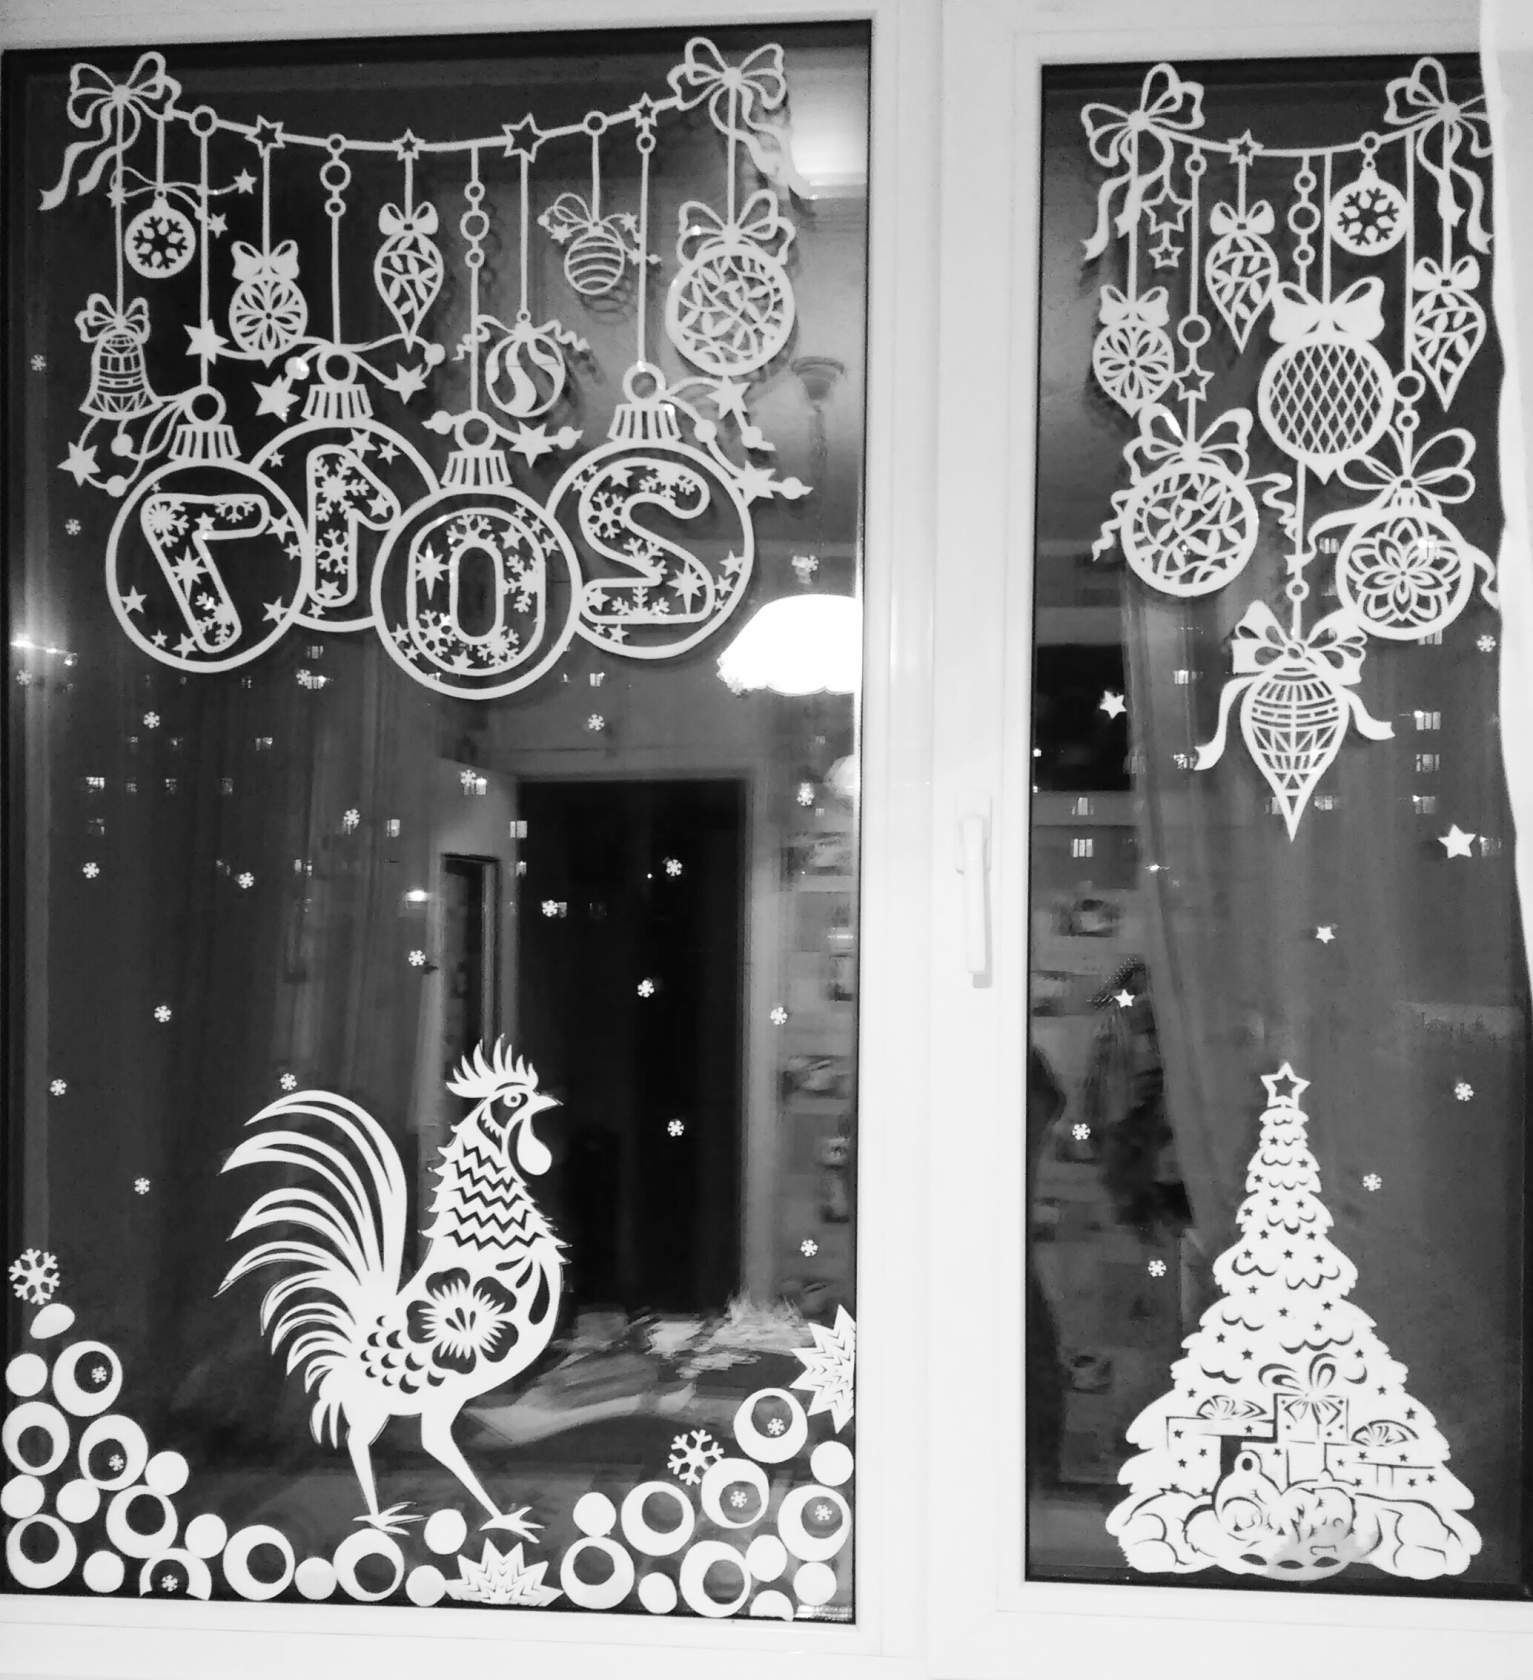 Украшение картинок на окно новый год